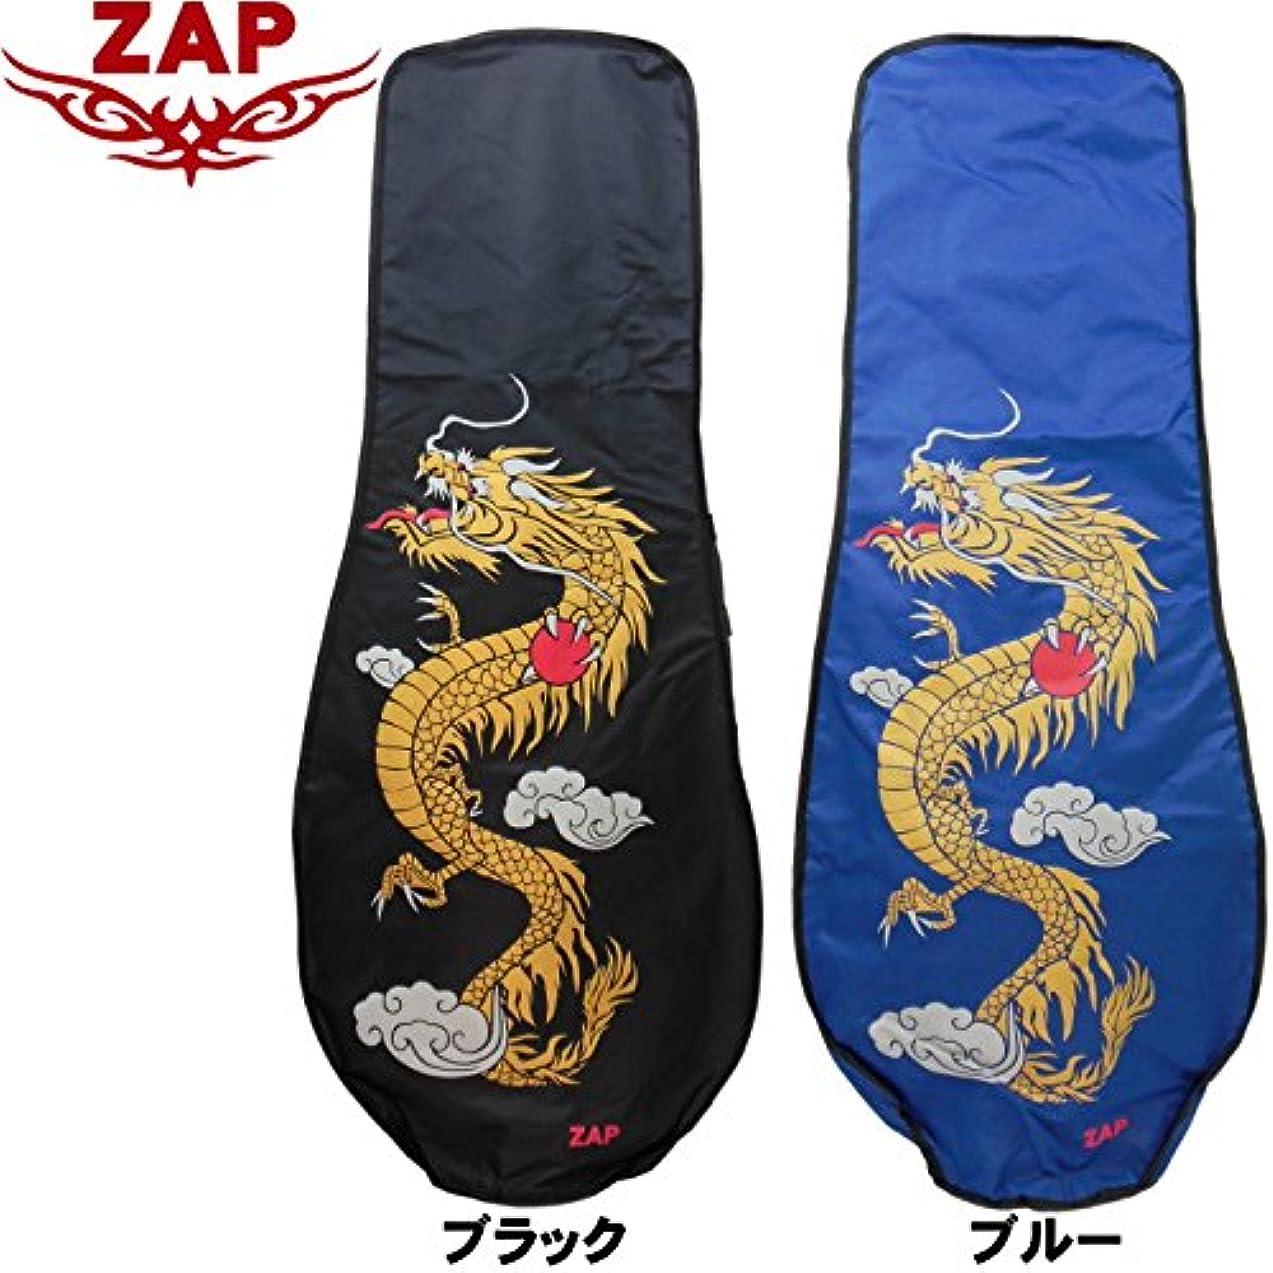 奪う角度矢印ZAP GOLF ザップゴルフ DRAGON 龍 ドラゴン柄 トラベルカバー TC001